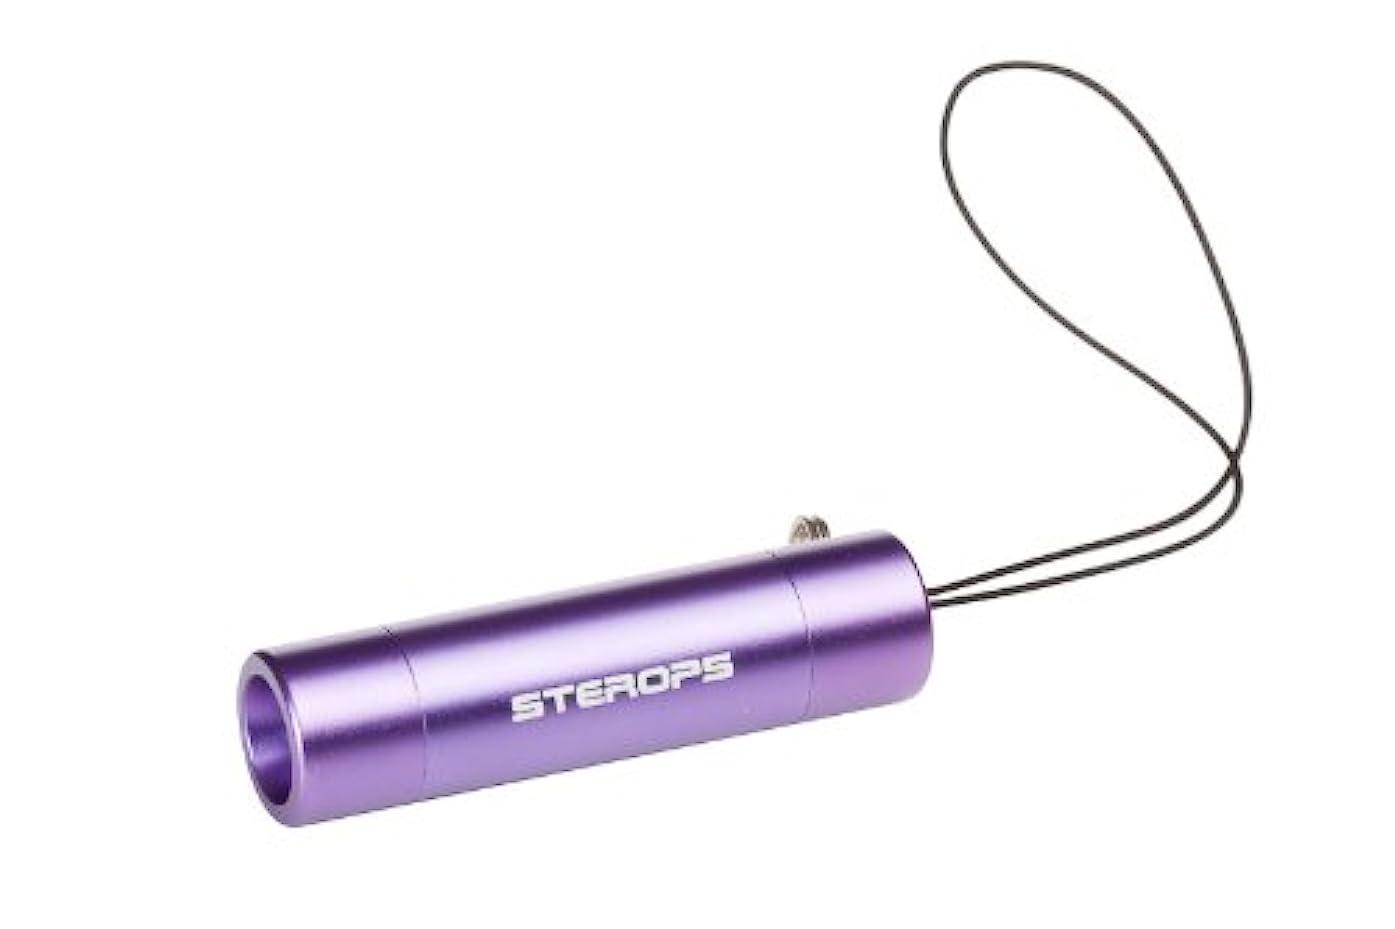 ブランク不愉快にマッサージSTEROPS(ステロプス) LEDキーチェーンライト K71 バイオレット 【5ルーメン】 SKC-9C K71 バイオレット